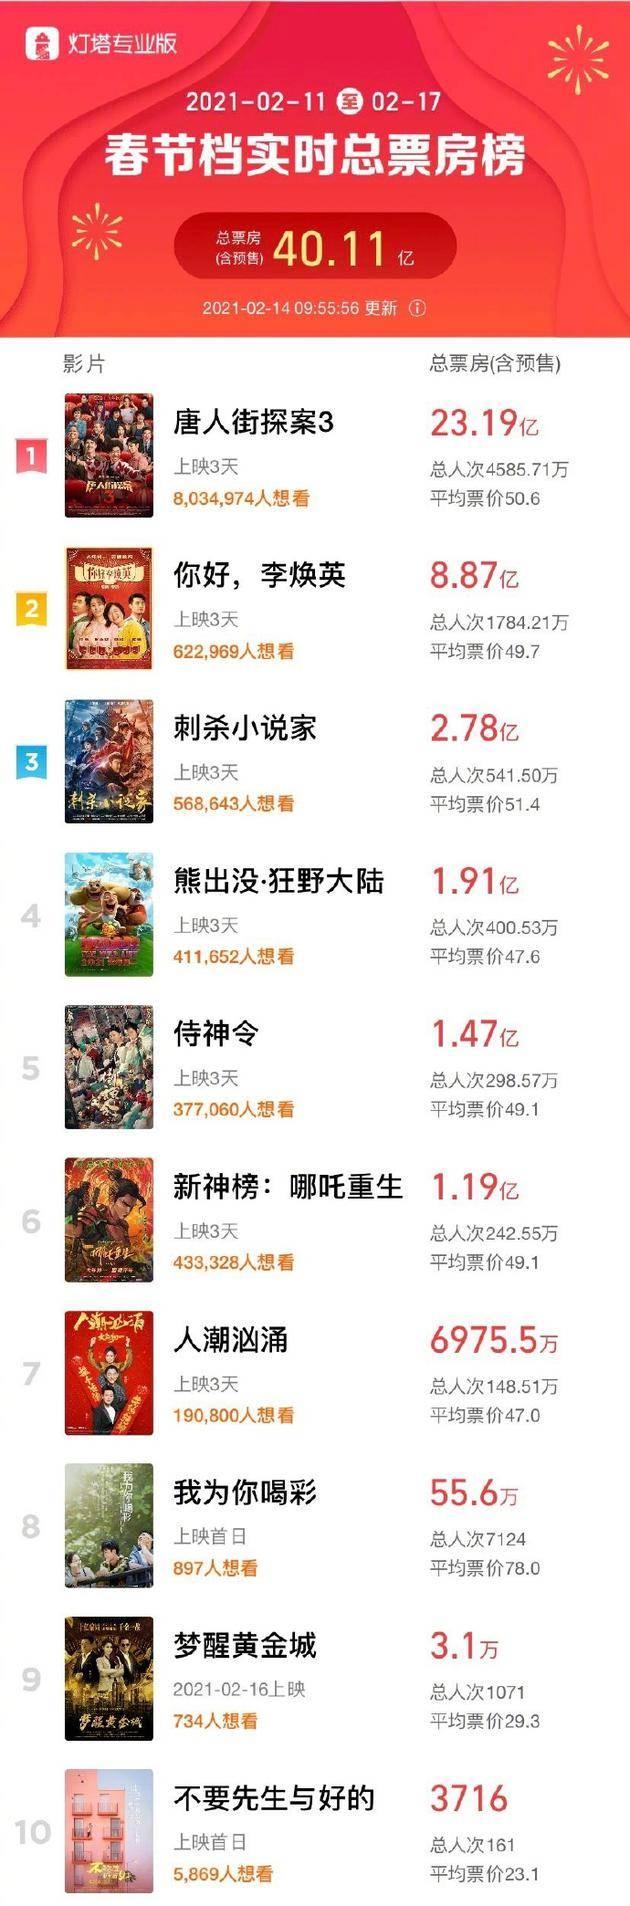 春节档总票房破40亿 《唐探3》超23亿位居冠军